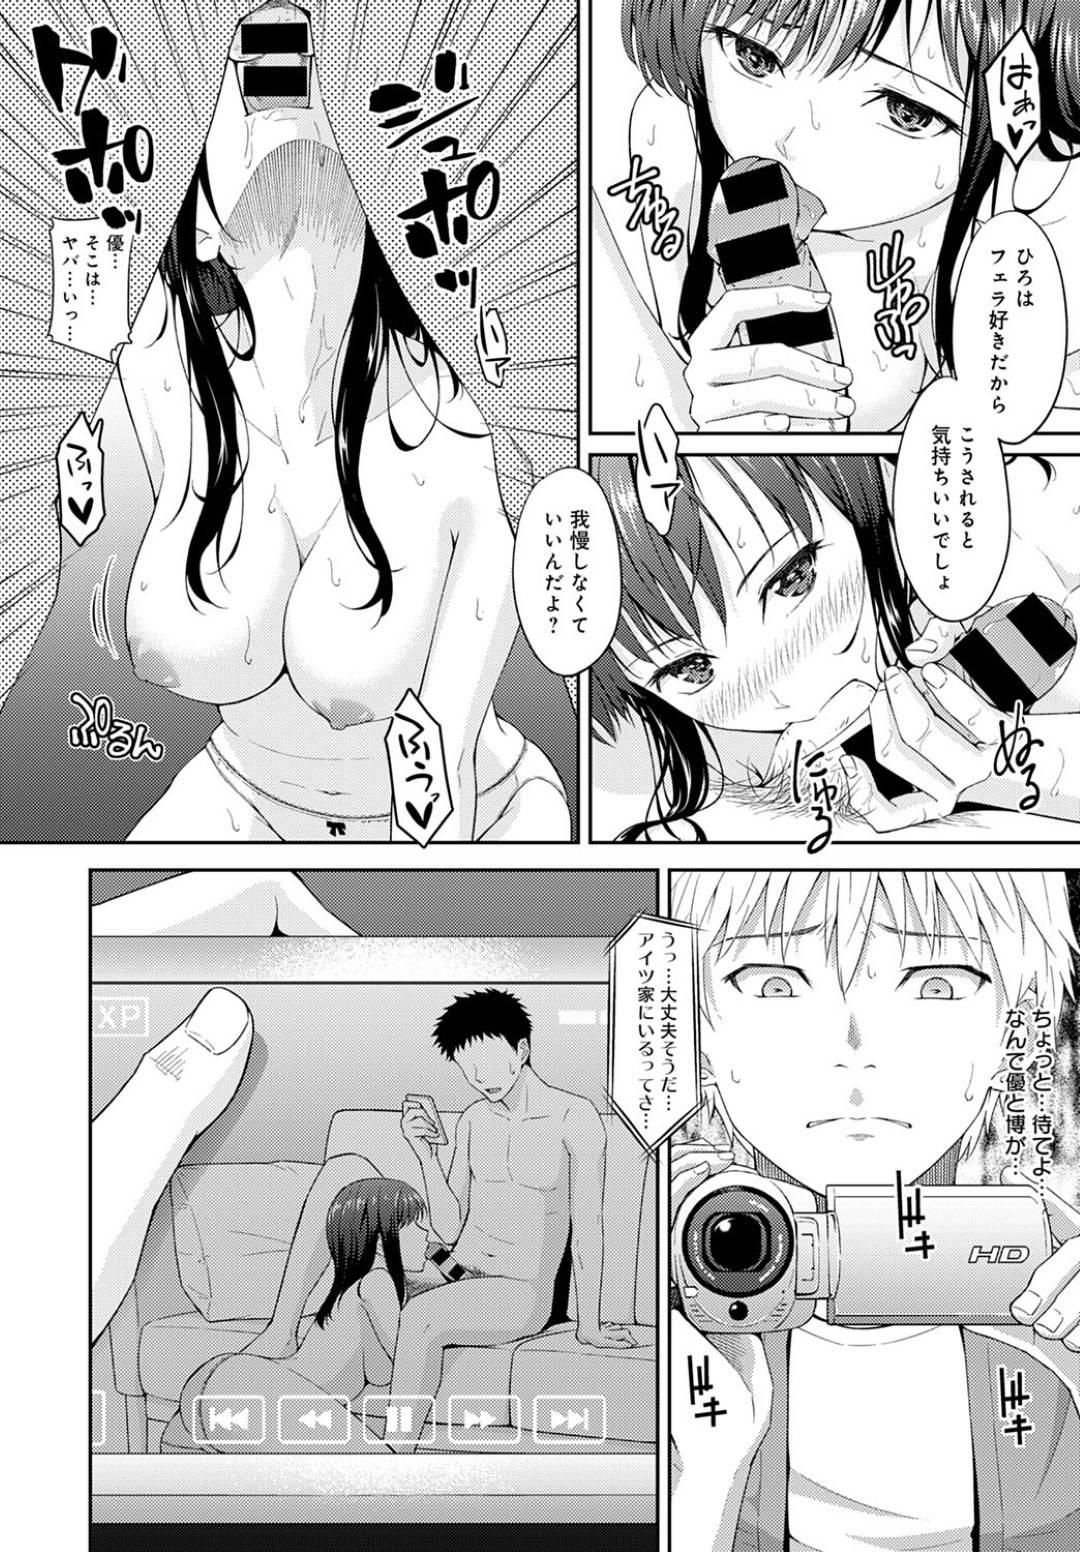 【エロ漫画】男子2人と動画配信ちゃんねるをやって人気の女子…男子のうち1人と隠れて付き合い、ハメ撮り寝取られイチャラブセックスでイキまくる!【無良:BSSちゃんねる】